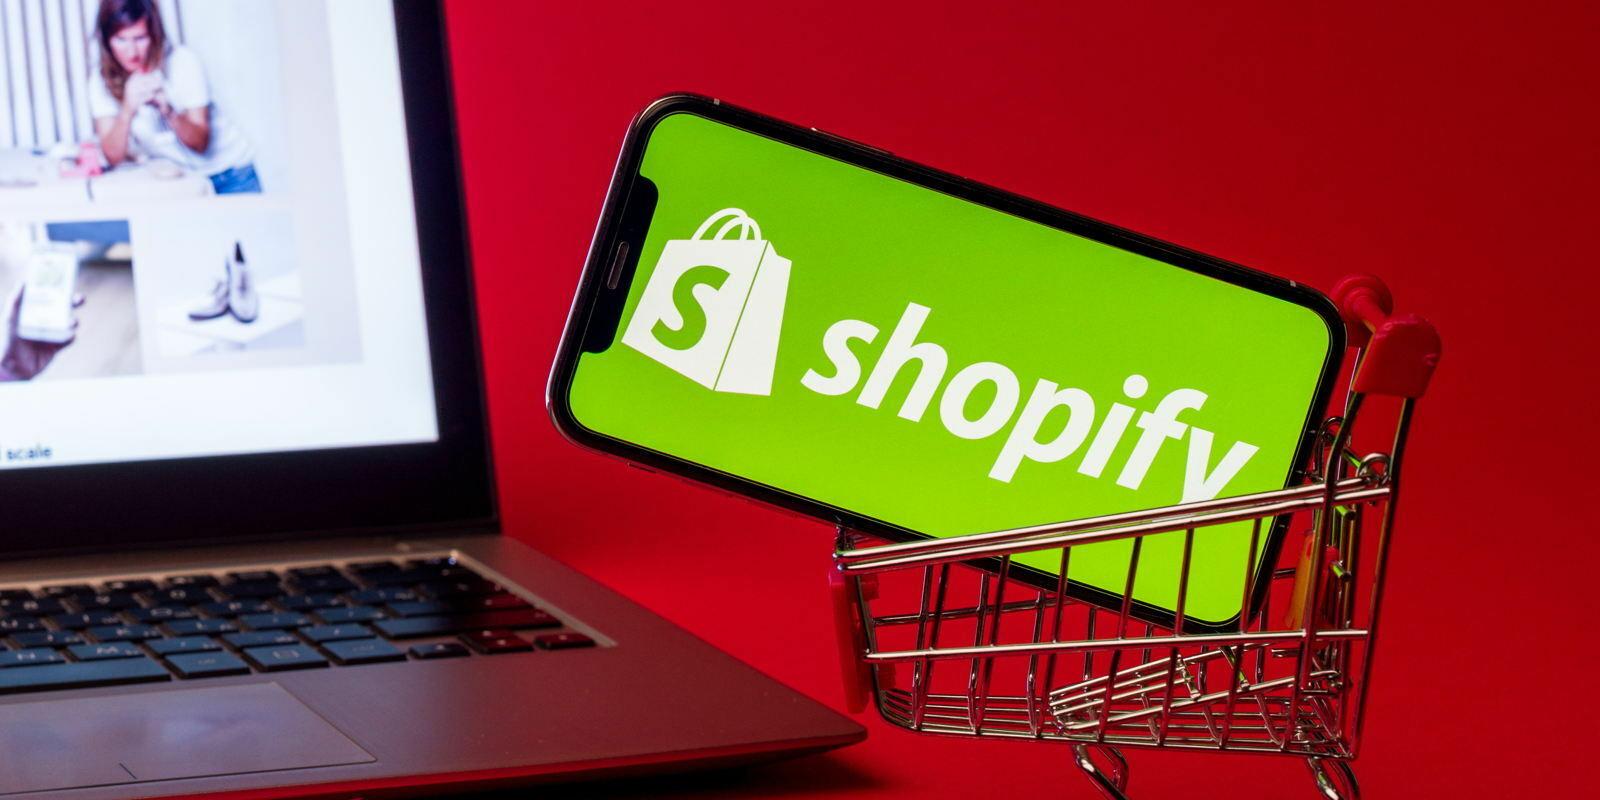 Shopify accepte désormais plus de 1800 crypto-monnaies avec CoinPayments